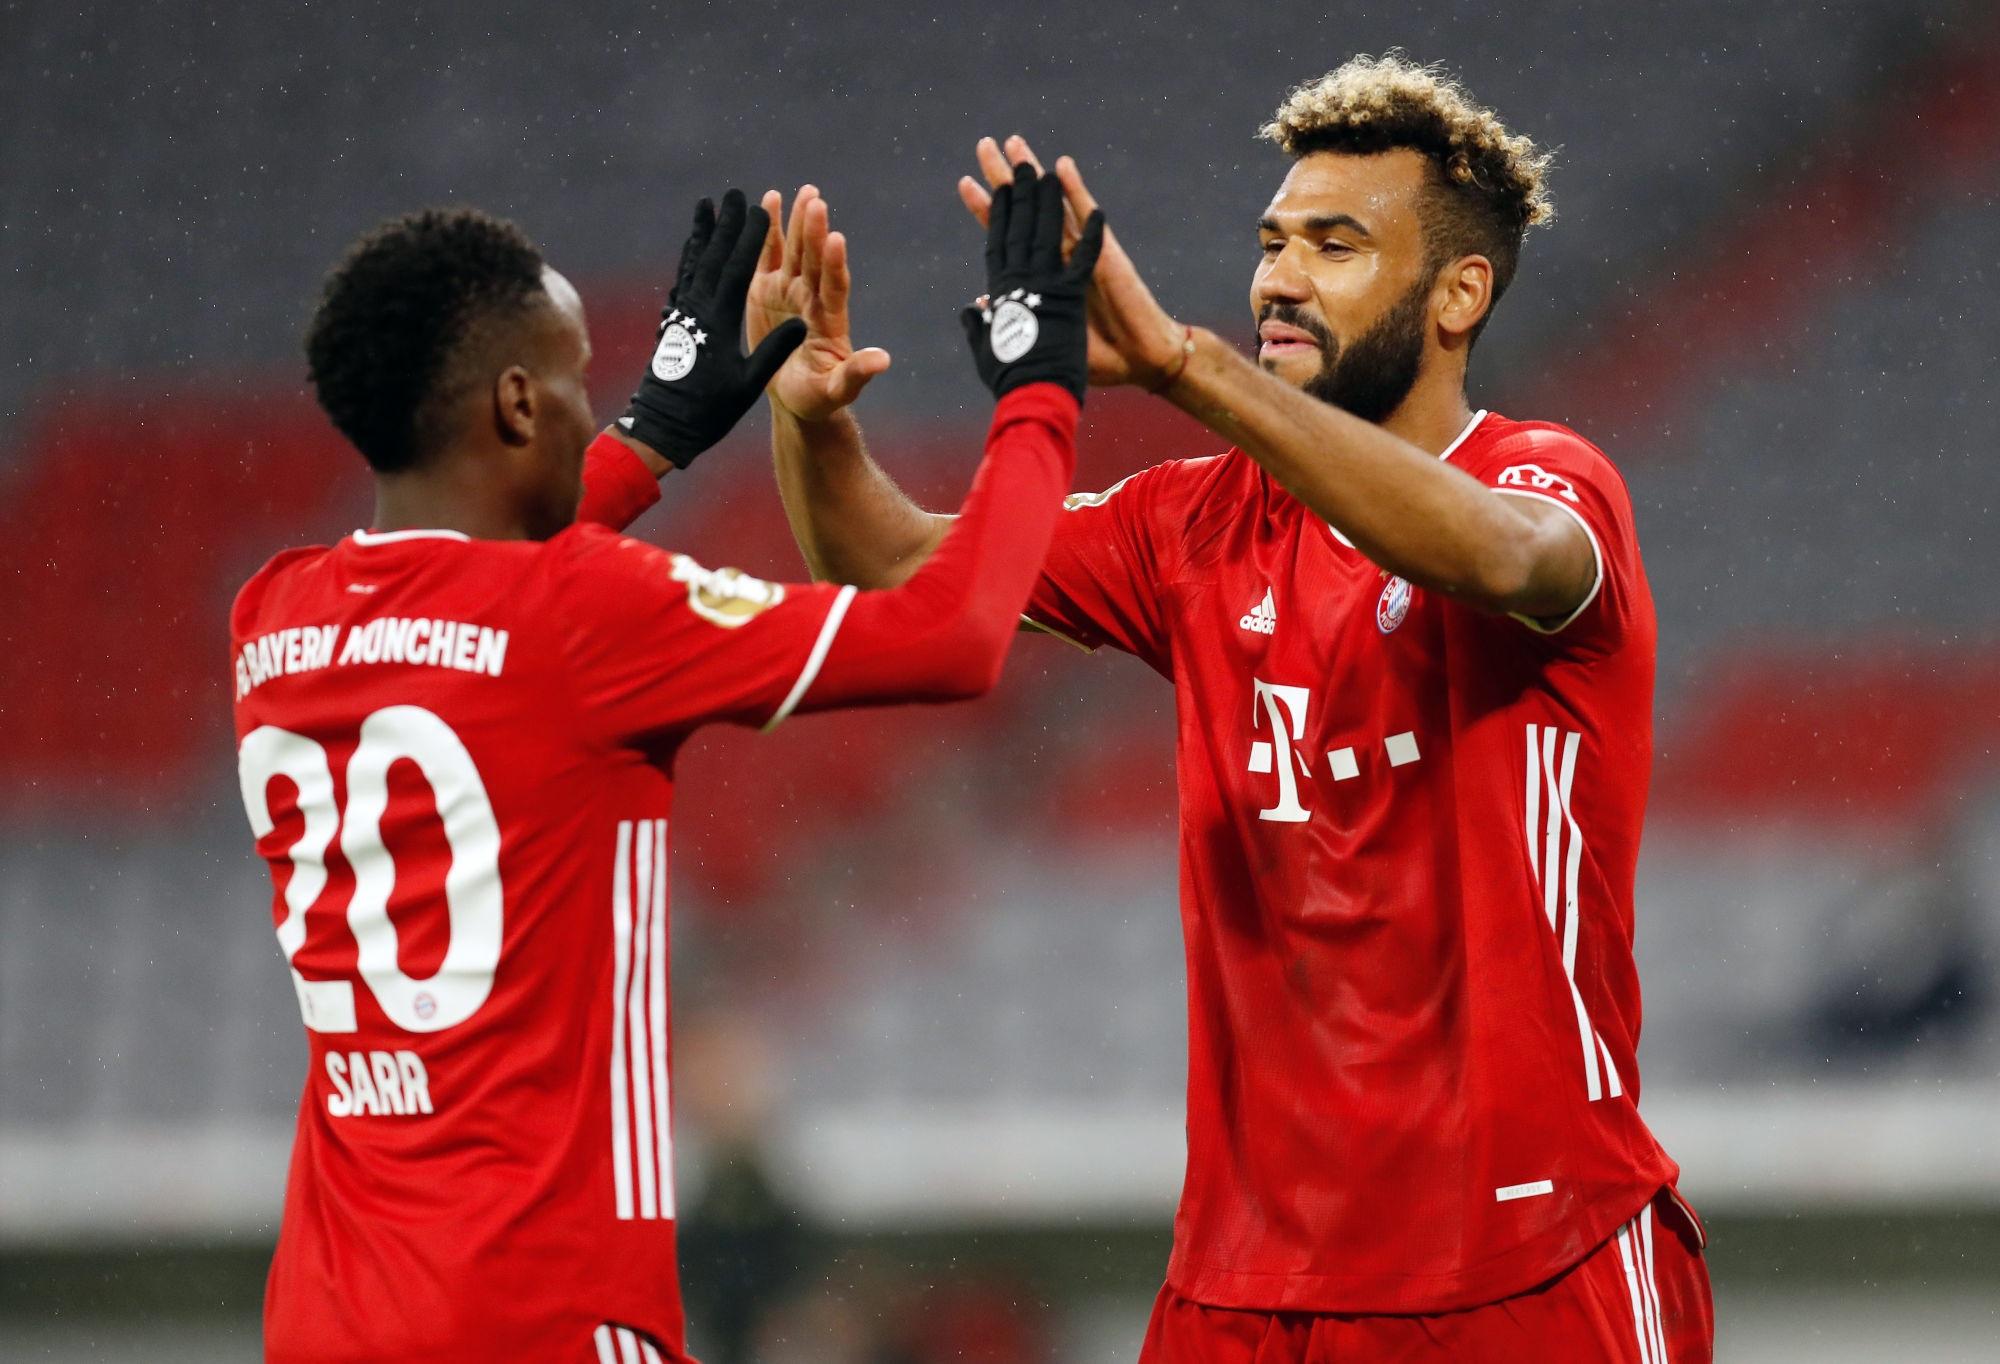 Anciens - Choupo-Moting commence avec un doublé au Bayern Munich